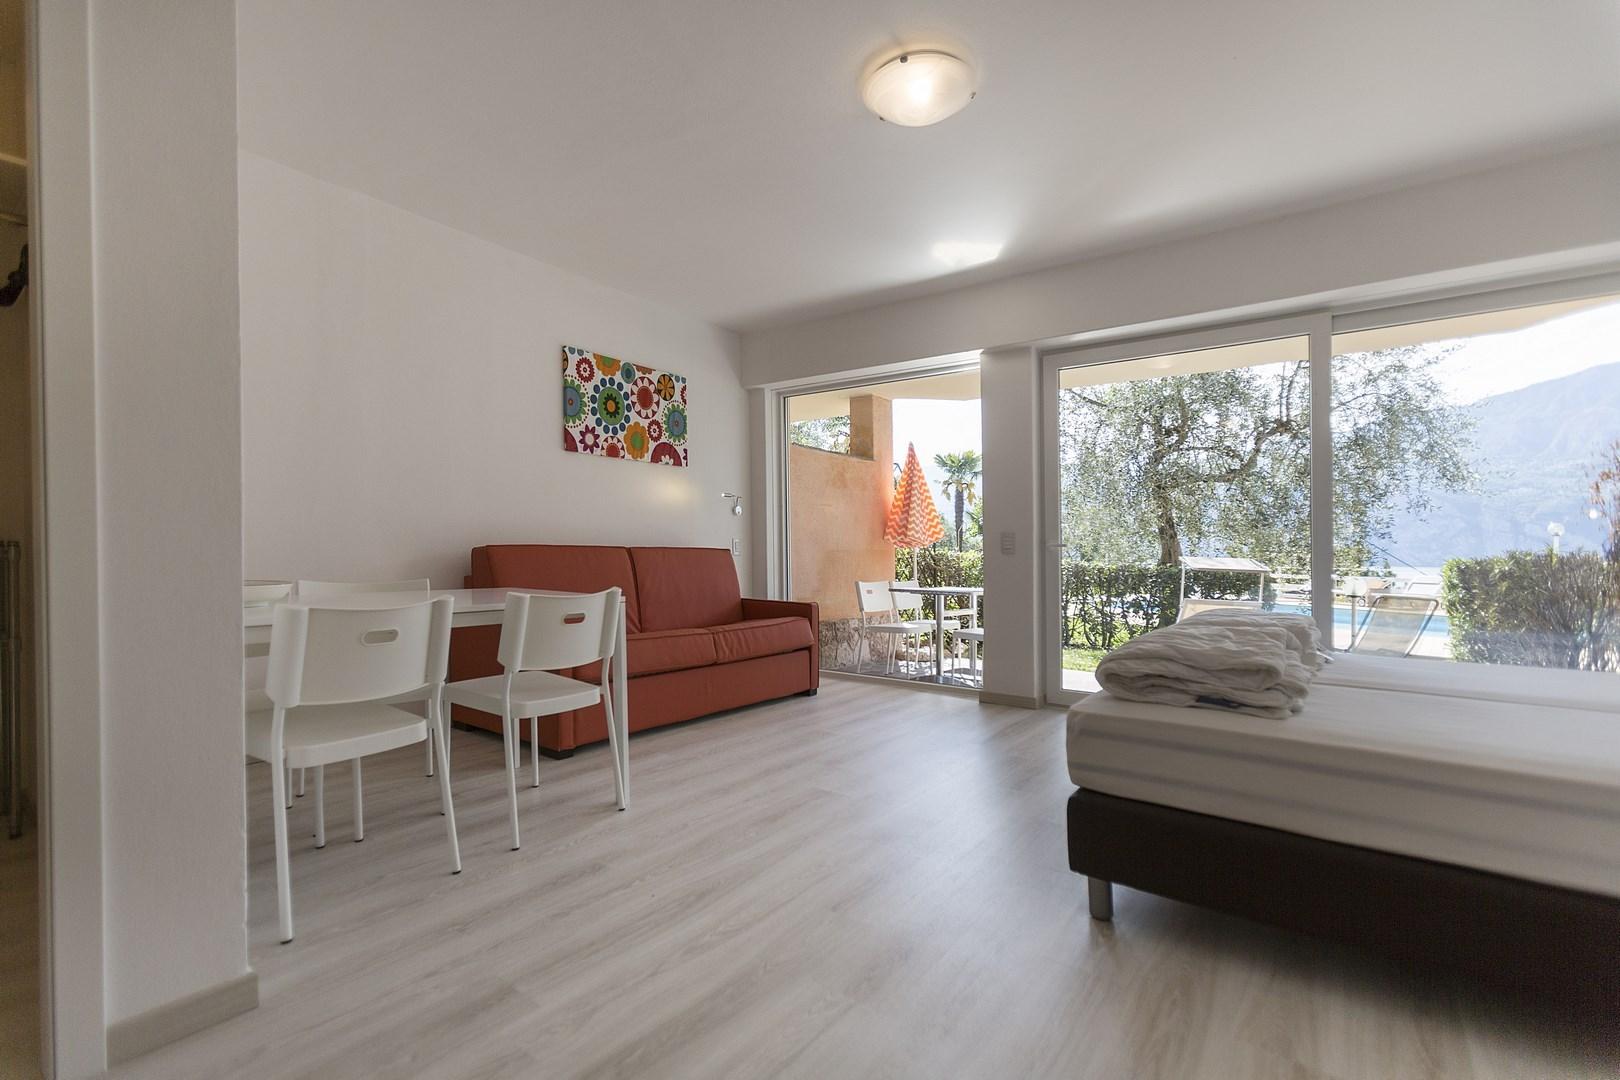 ein zimmer wohnung best eine variante des betreuten wohnens im augustinum detmold ist unsere. Black Bedroom Furniture Sets. Home Design Ideas